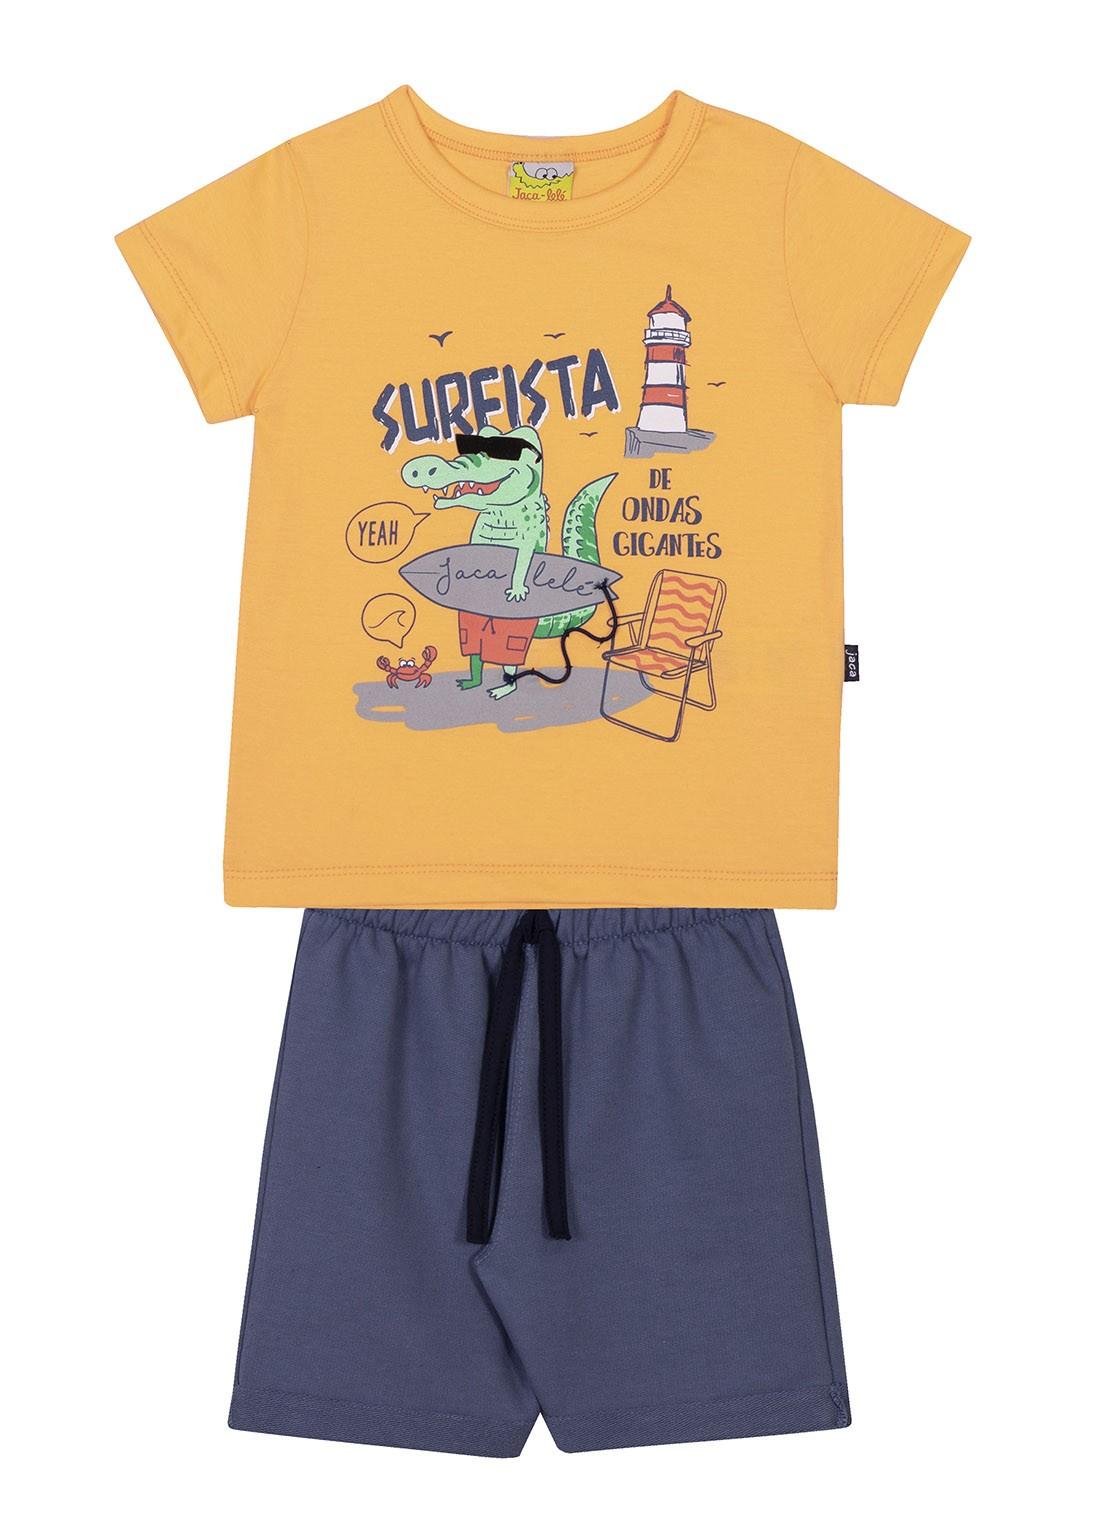 Conjunto Infantil Camiseta e Bermuda JACA-LELÉ Jacaré Surfista Laranja e azul